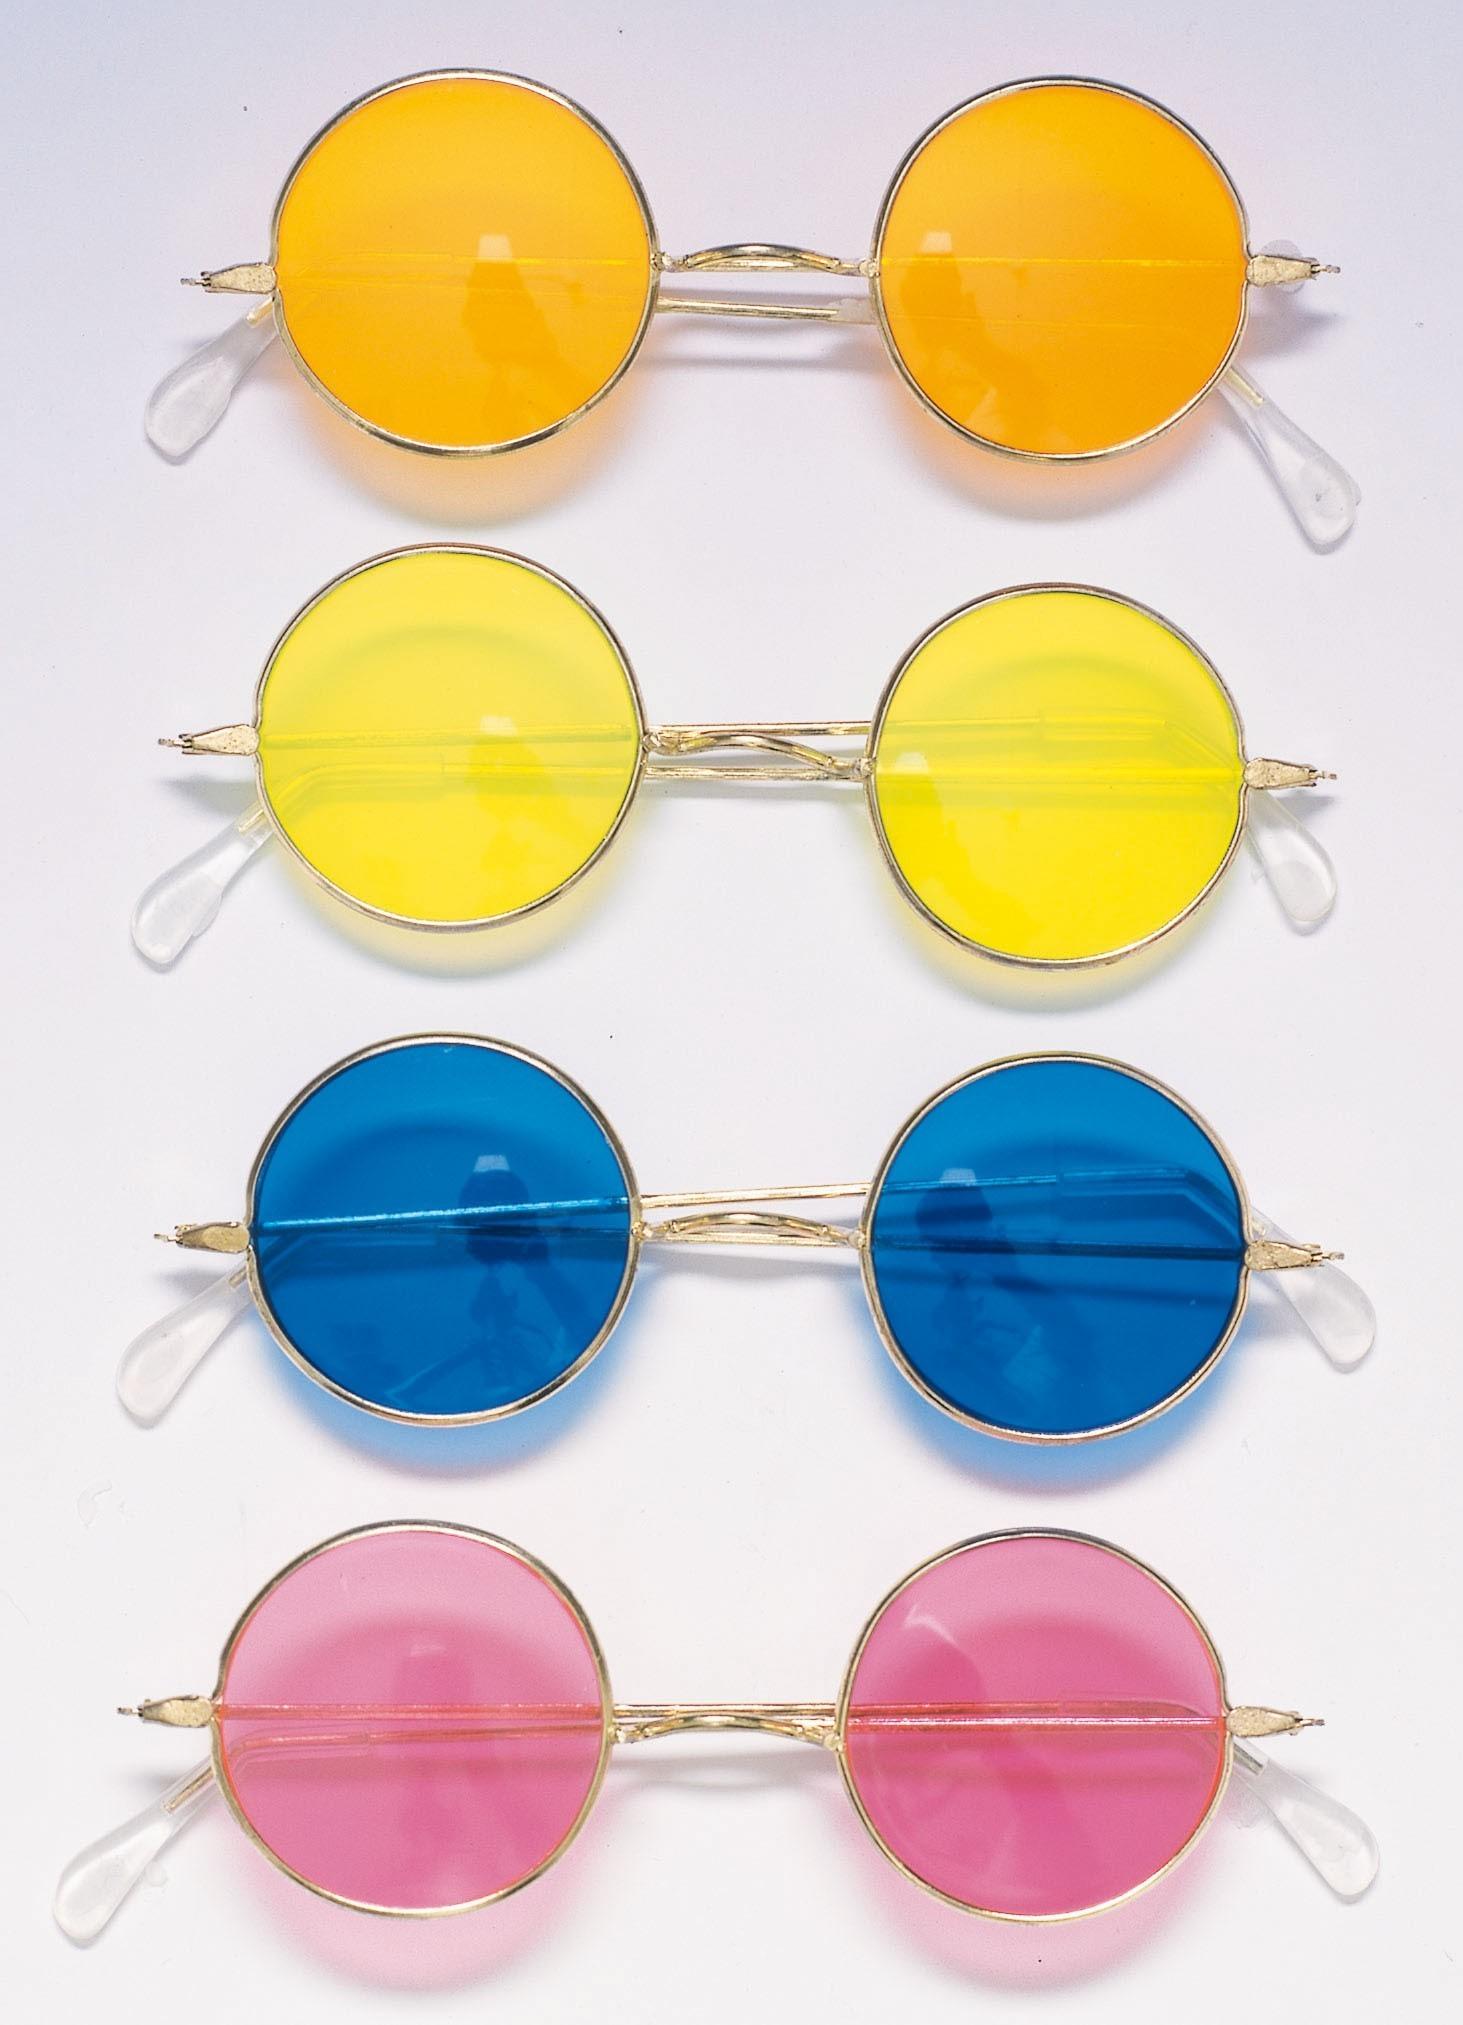 lunettes hippies ronde vente de d guisements hippie et lunettes hippies ronde. Black Bedroom Furniture Sets. Home Design Ideas